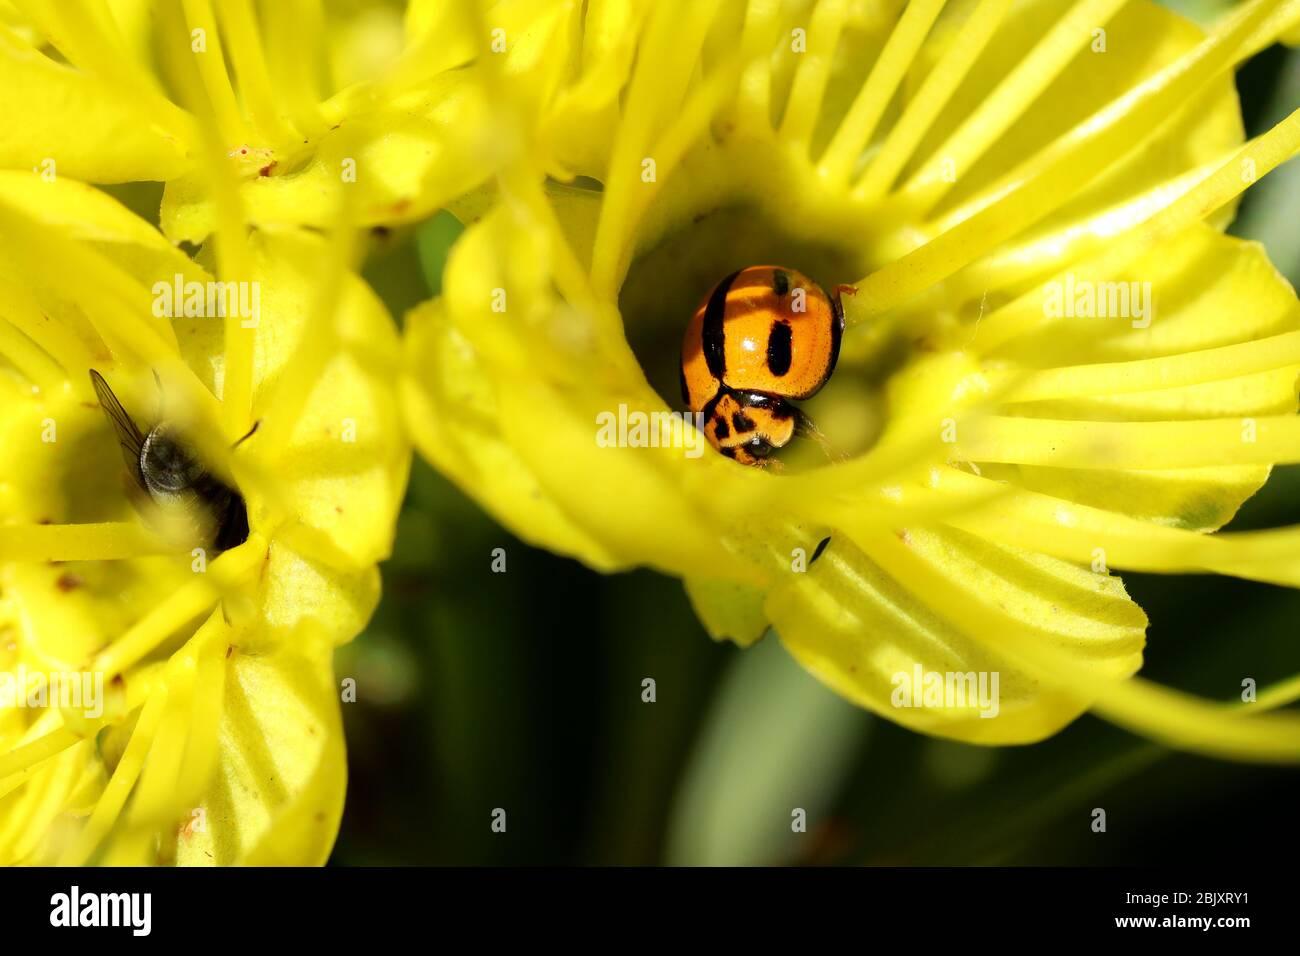 Natura in Macro: Un ladybug si snobba su un nettare da questo bel fiore giallo brillante fuori nel giardino in una calda mattina di primavera. Foto Stock